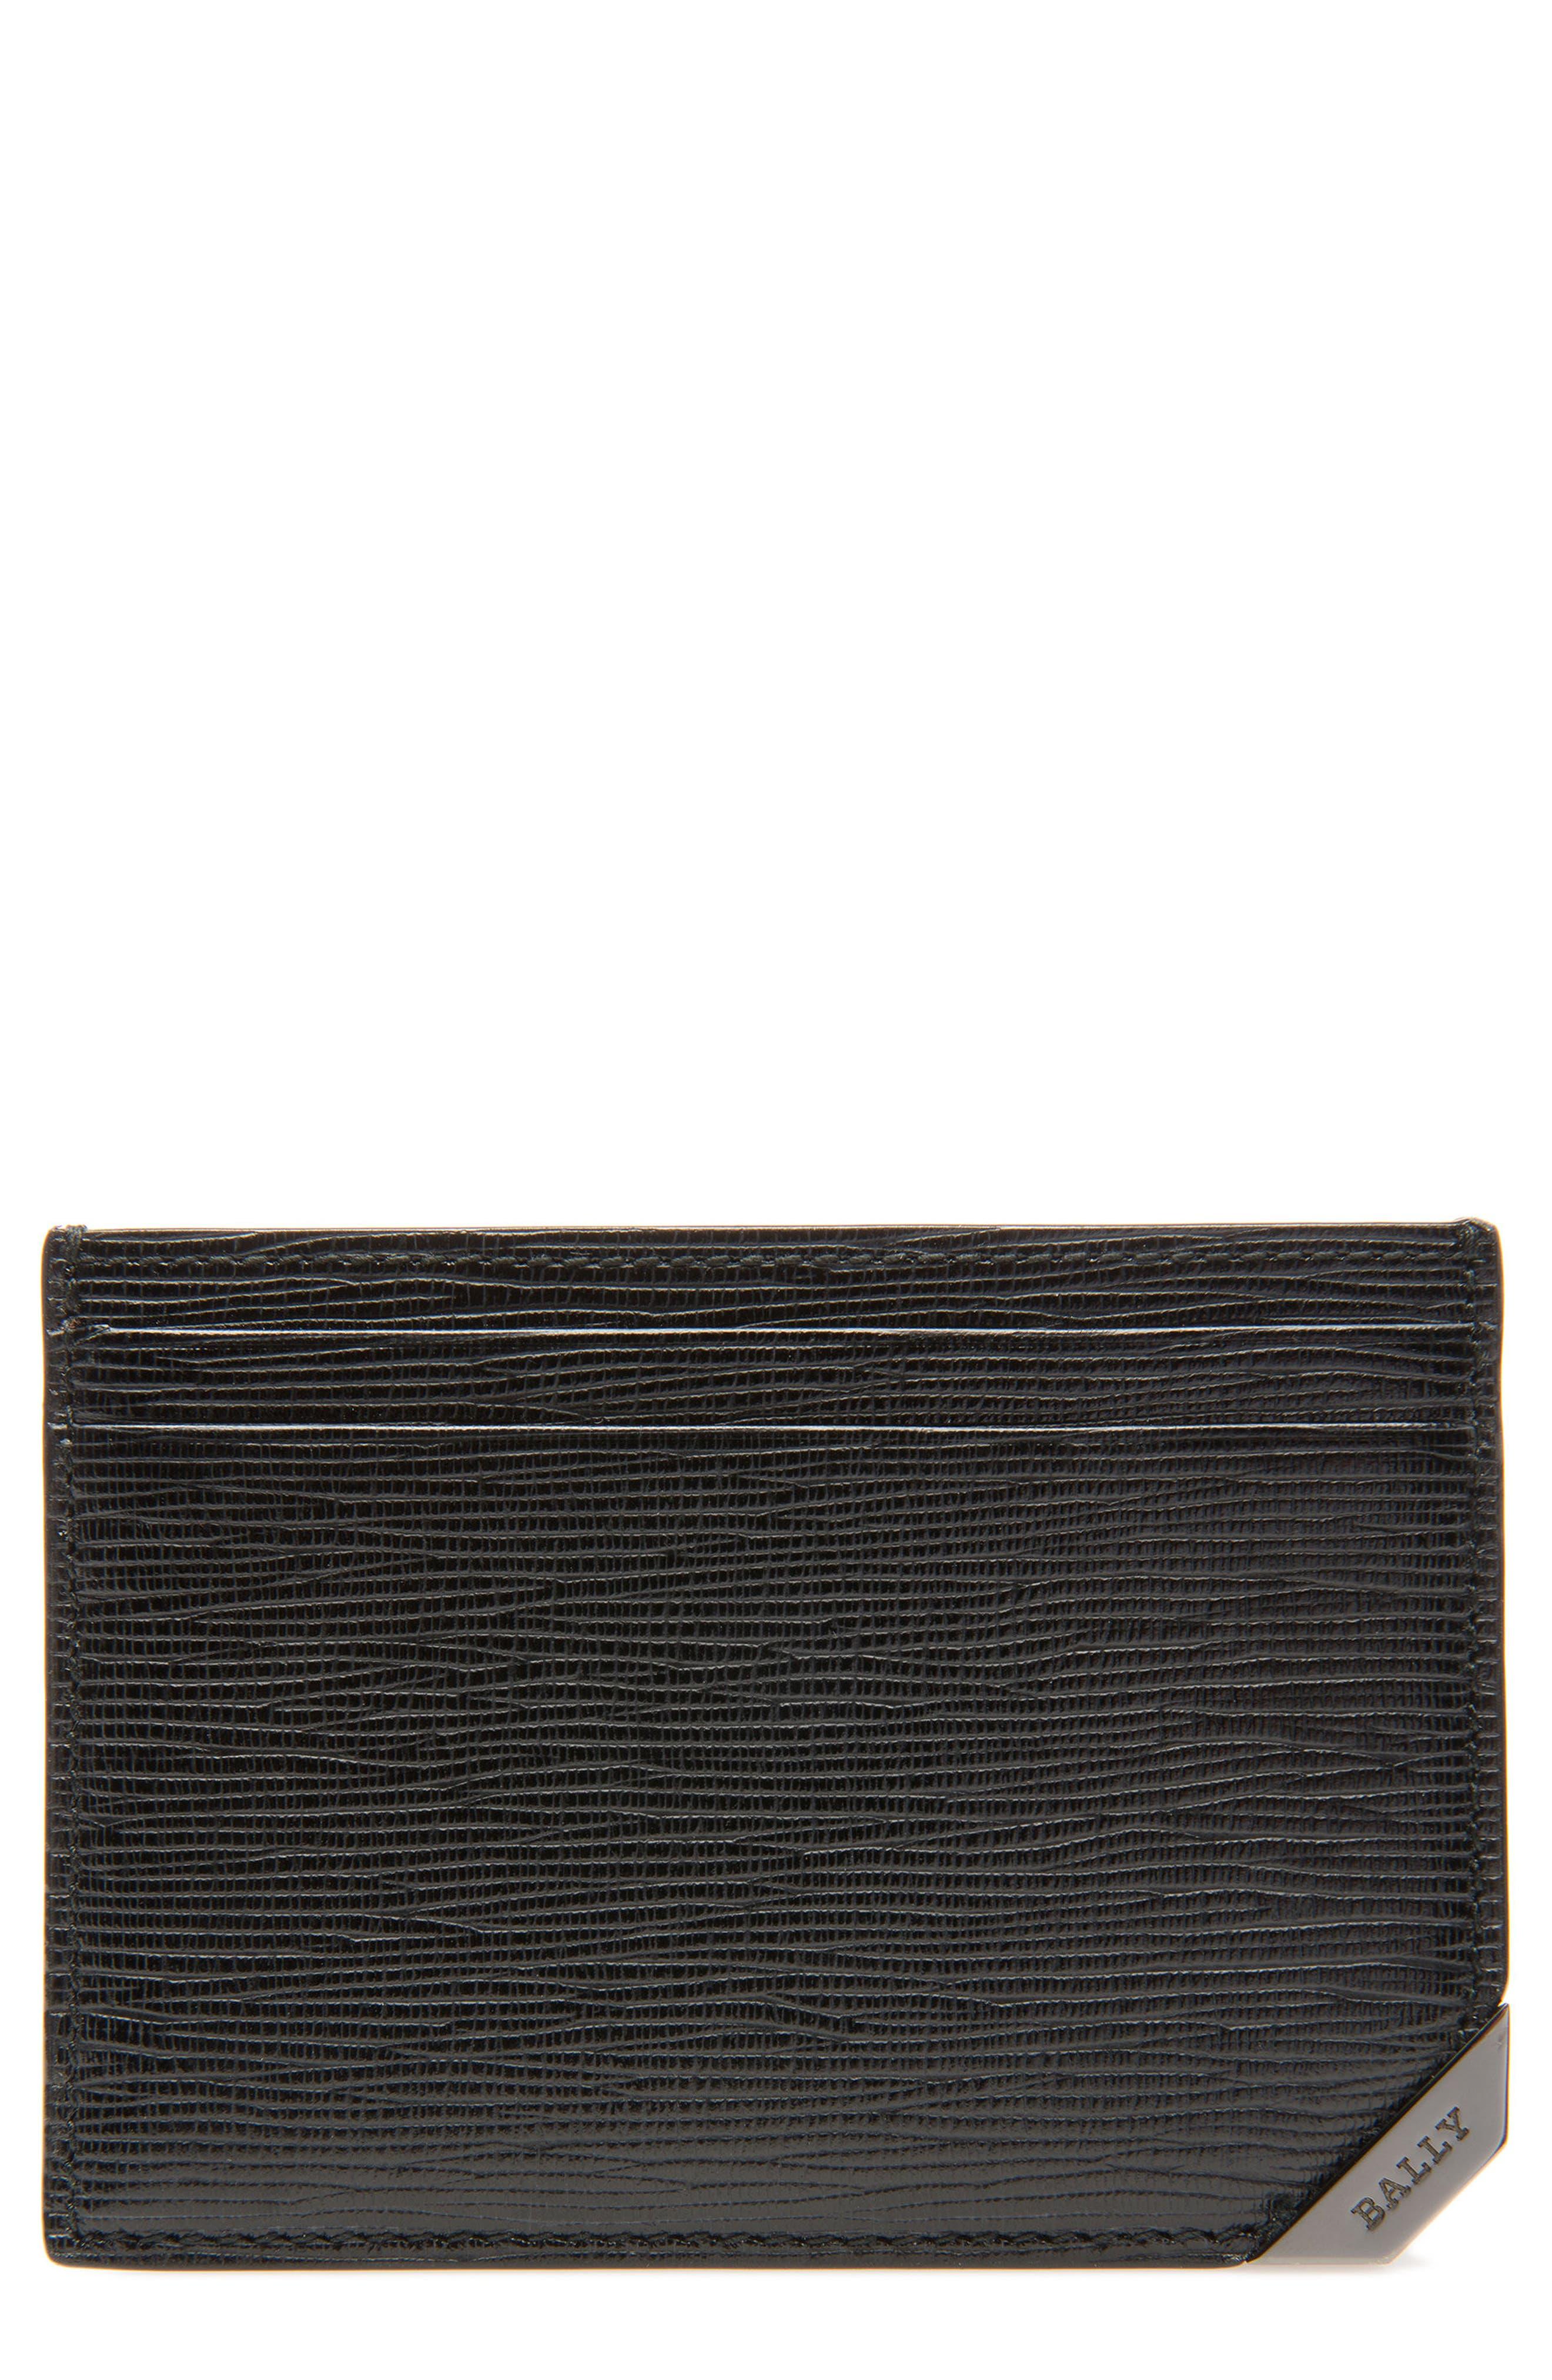 Bhar Leather Card Holder,                         Main,                         color, Black